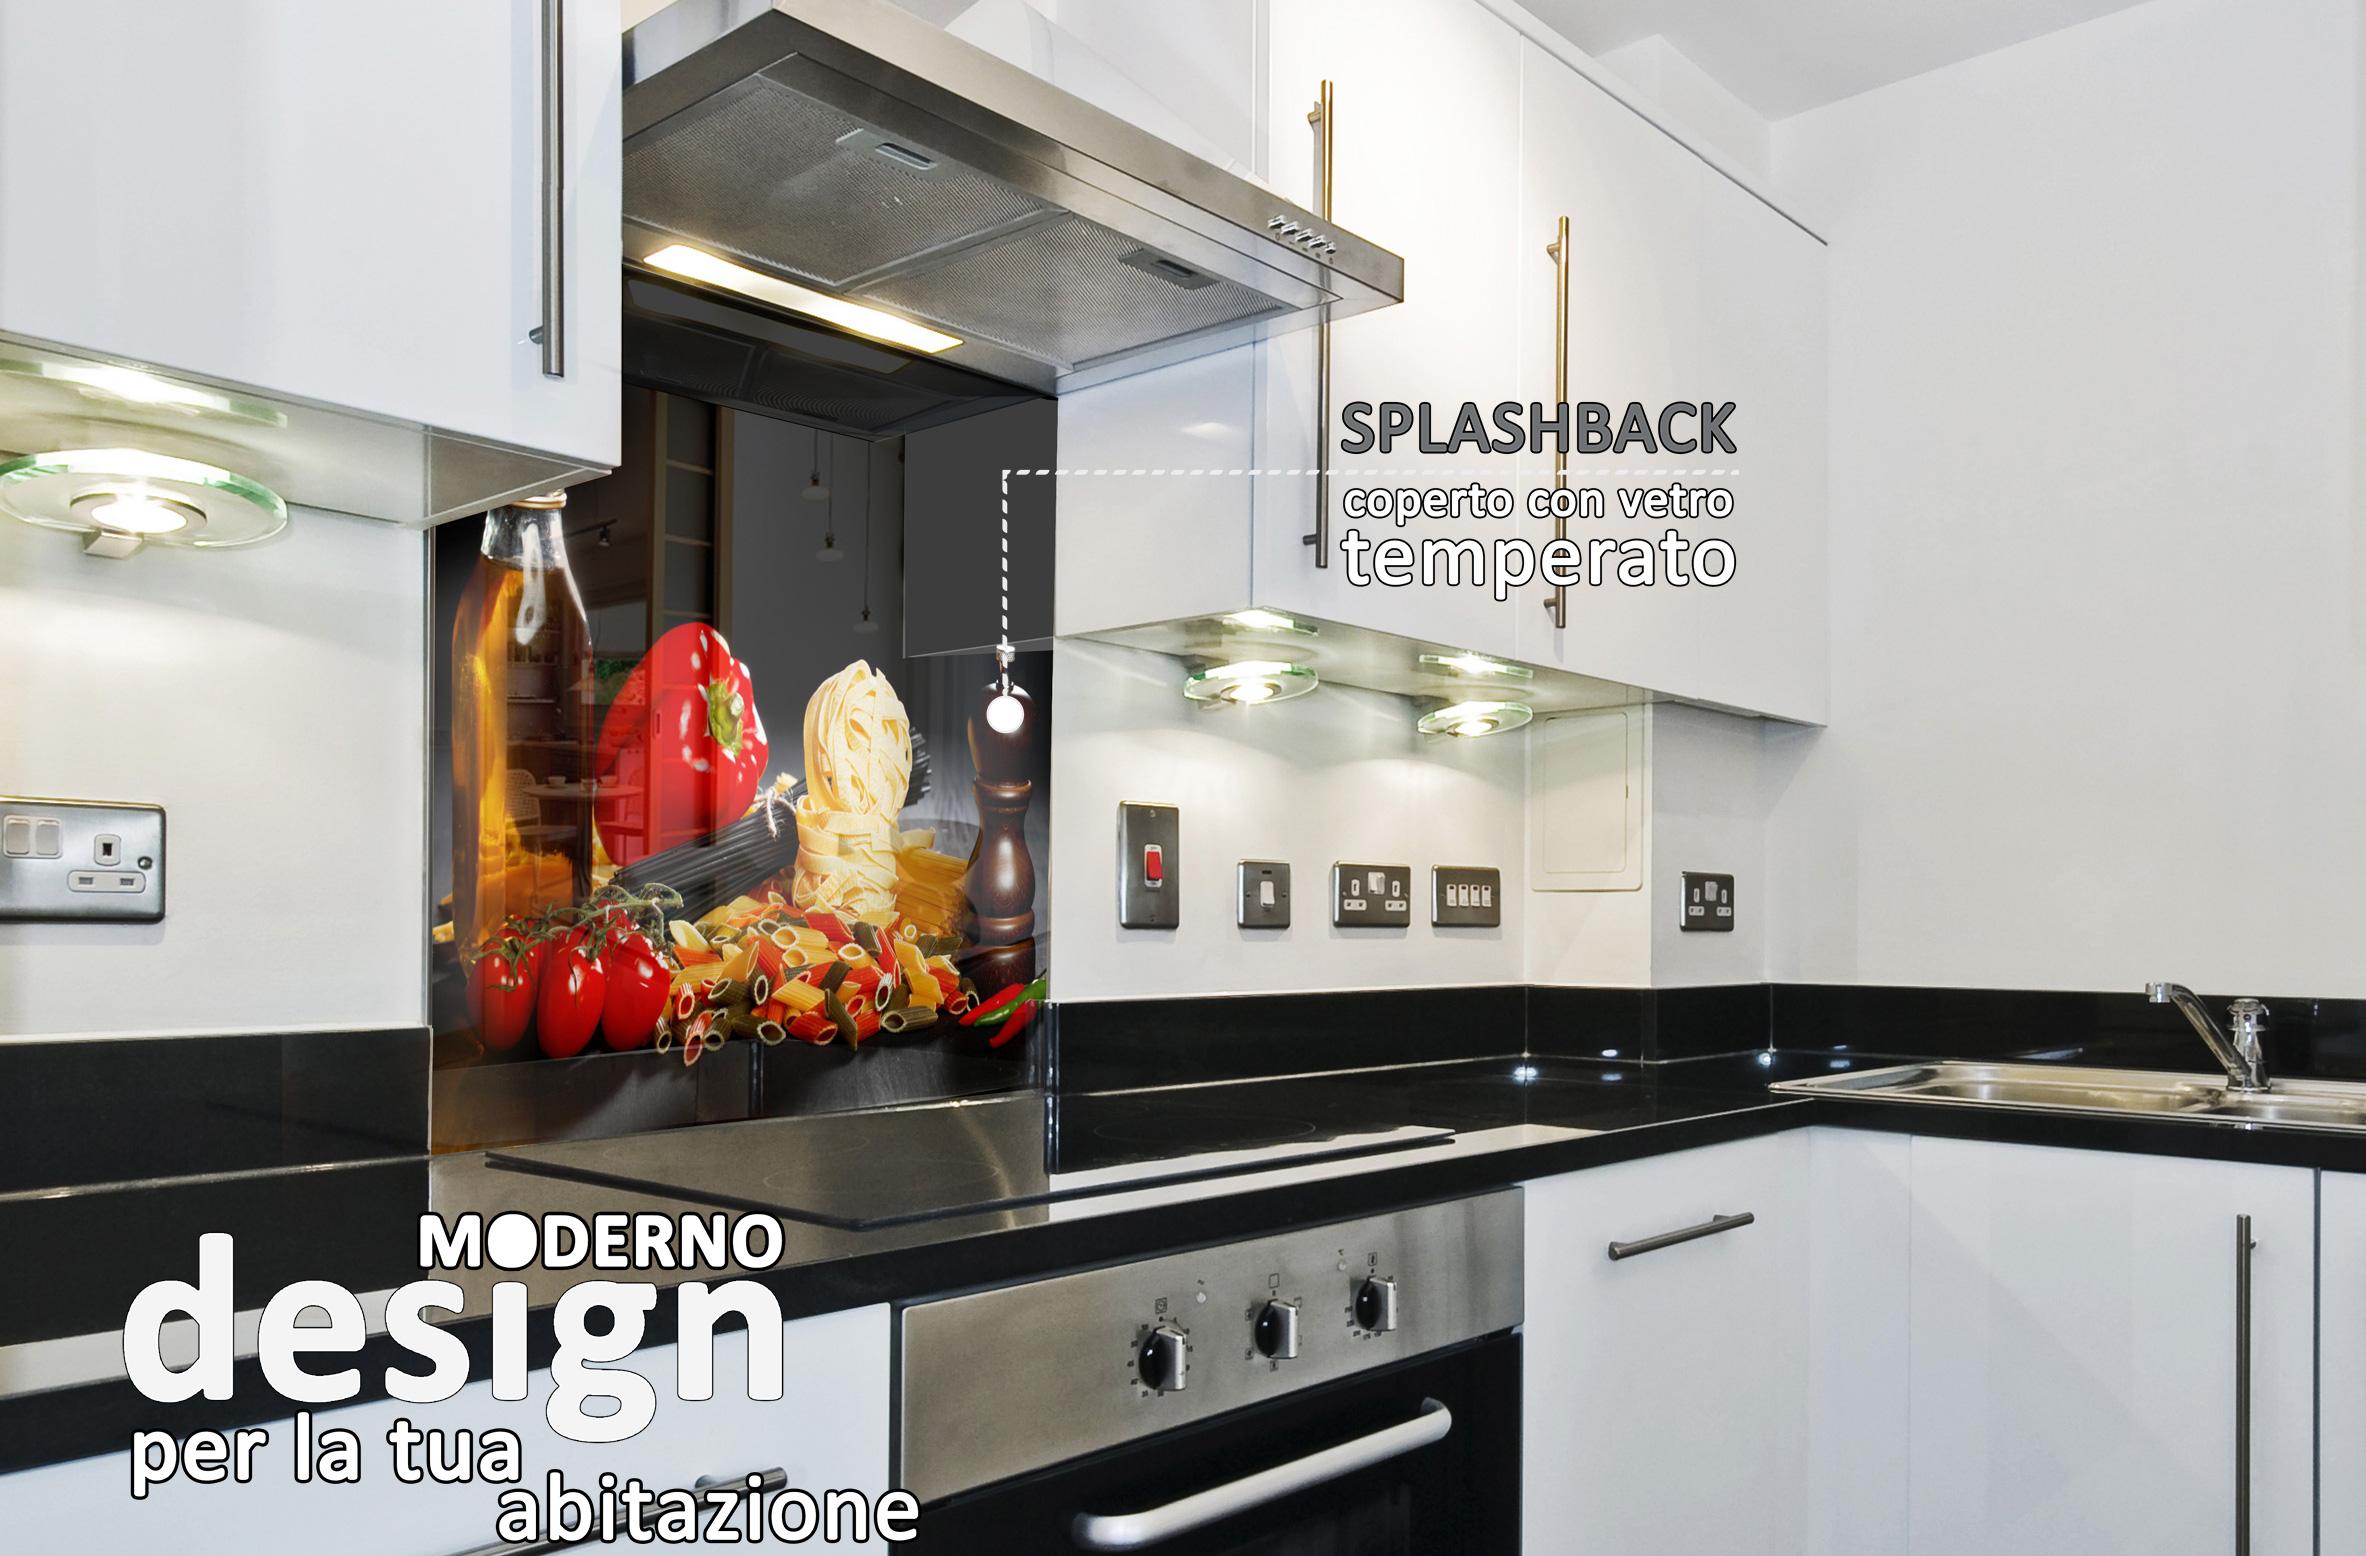 Splashback protezione dietro piano cottura fornelli cucina italiana olio nero ebay - Cucina senza fornelli ...